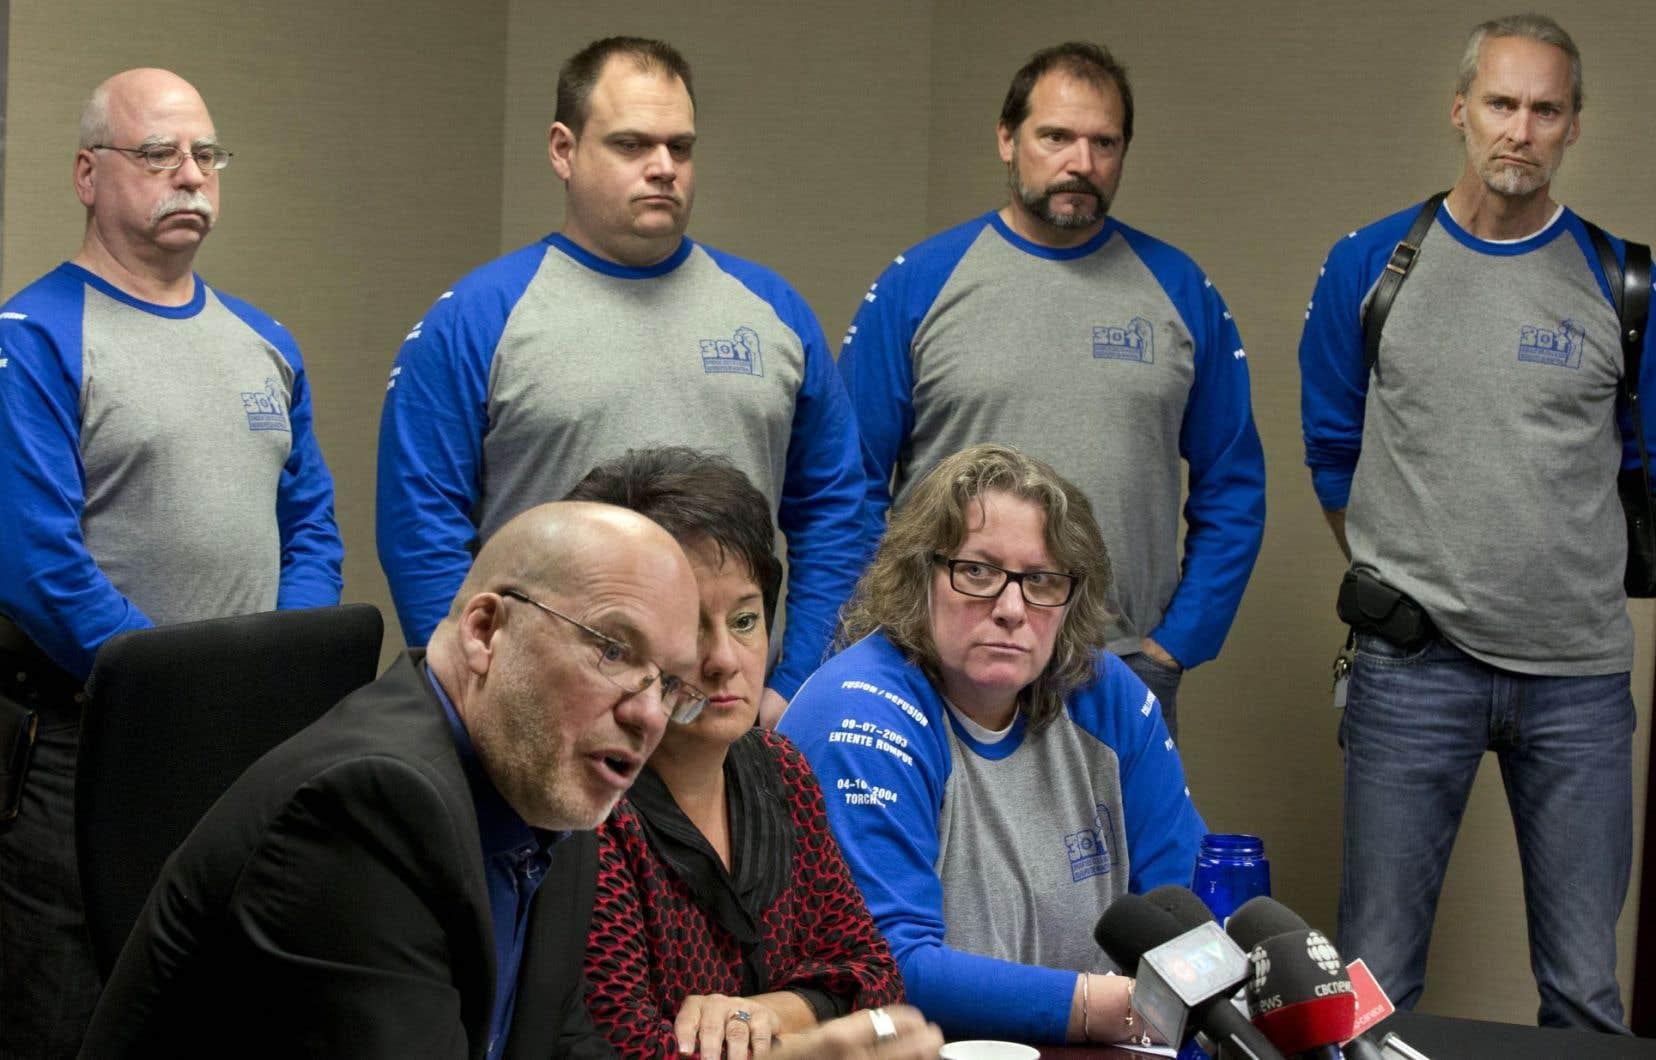 Marc Ranger, directeur adjoint au Syndicat canadien de la fonction publique (SCFP) au Québec, Lucie Levasseur, présidente du SCFP-Québec, et Chantal Racette, présidente du Syndicat des cols bleus de Montréal